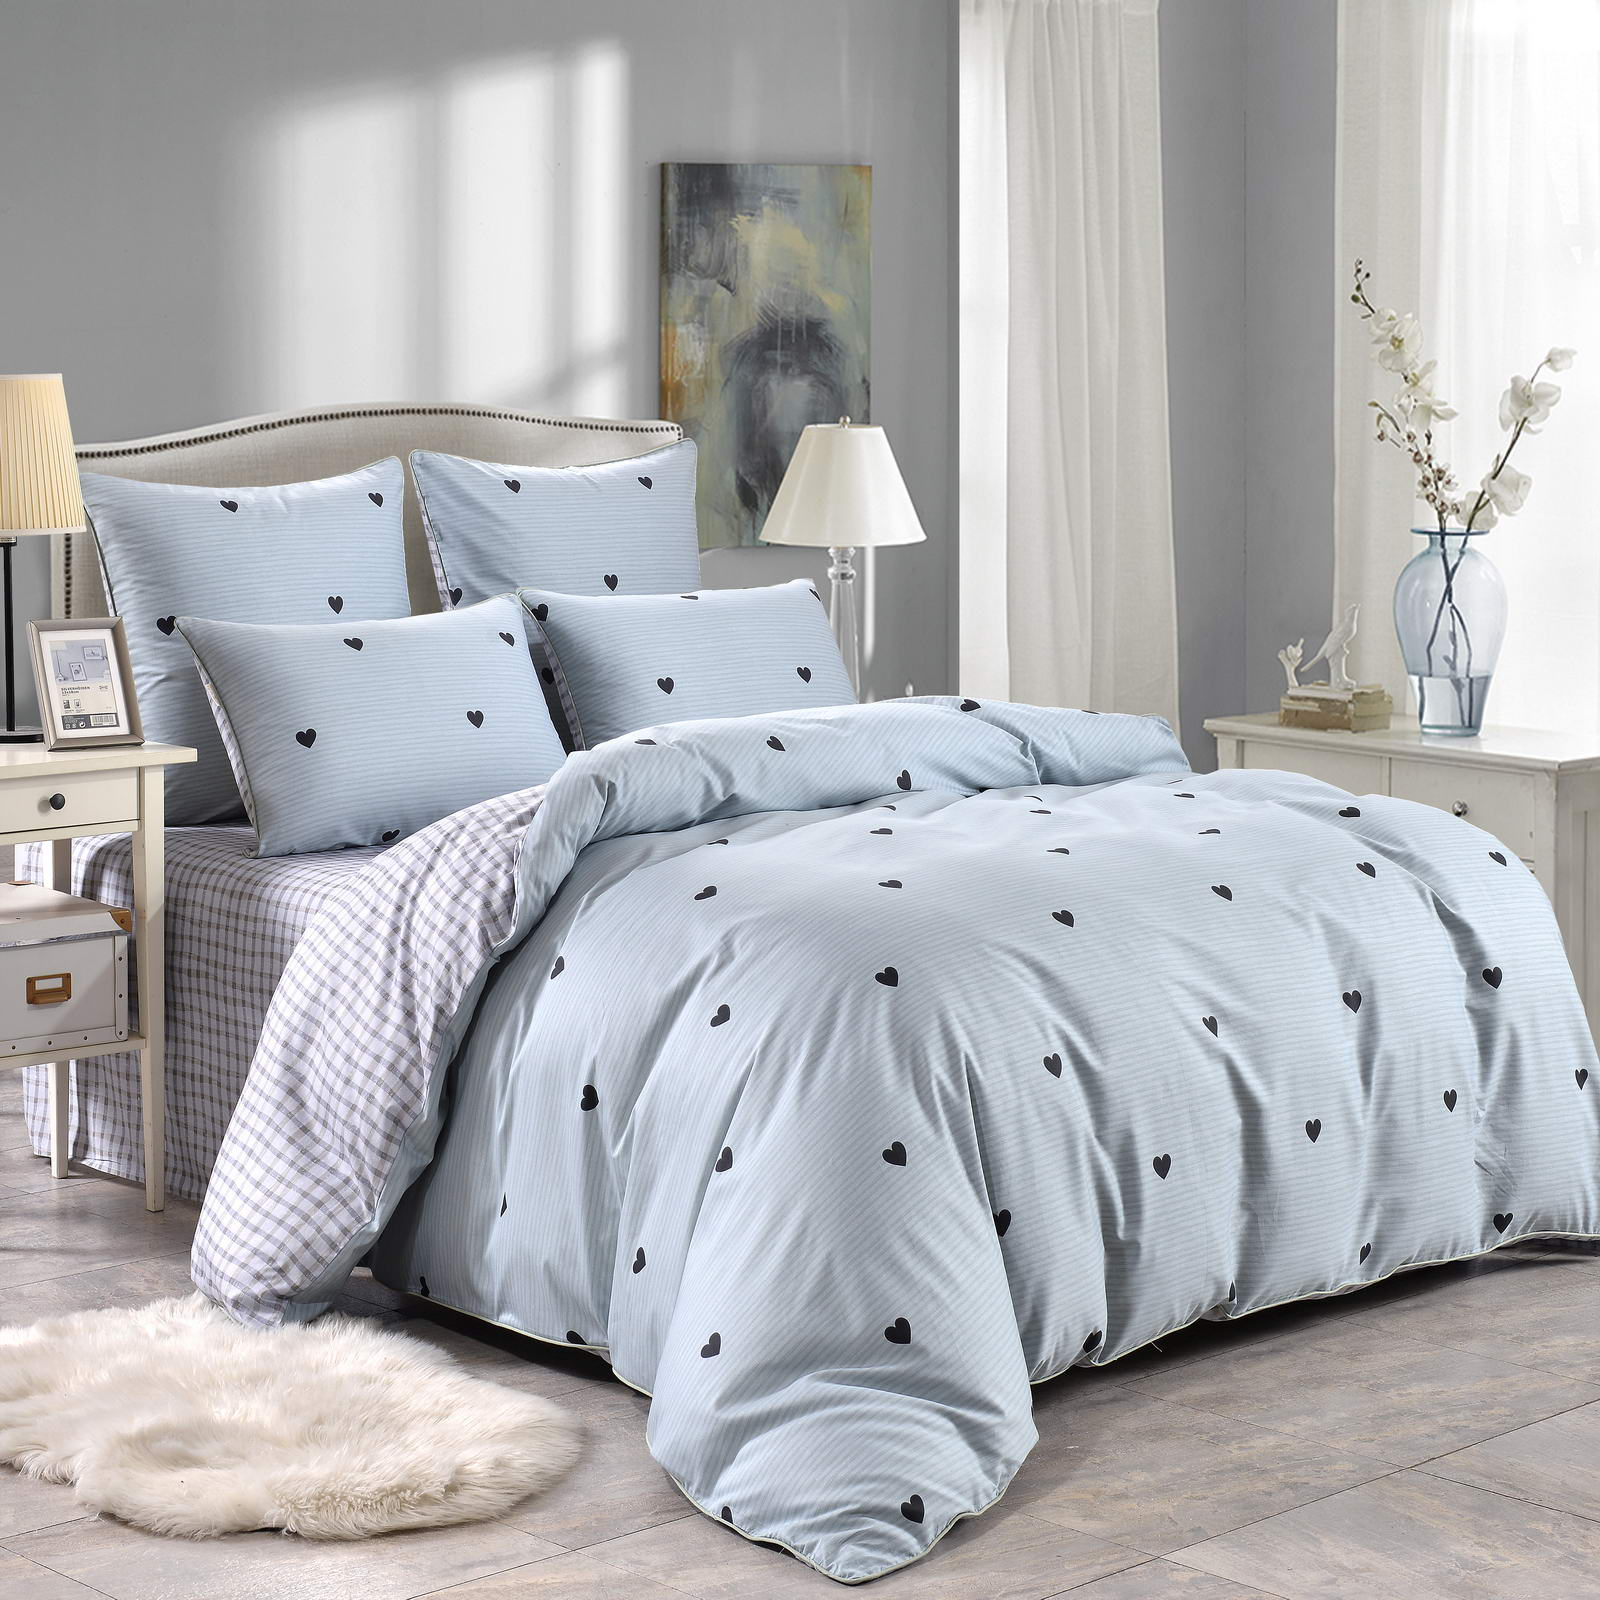 Комплект постельного белья Sofi De Marko Лайки Двуспальный евро (ЕВРО-5334)